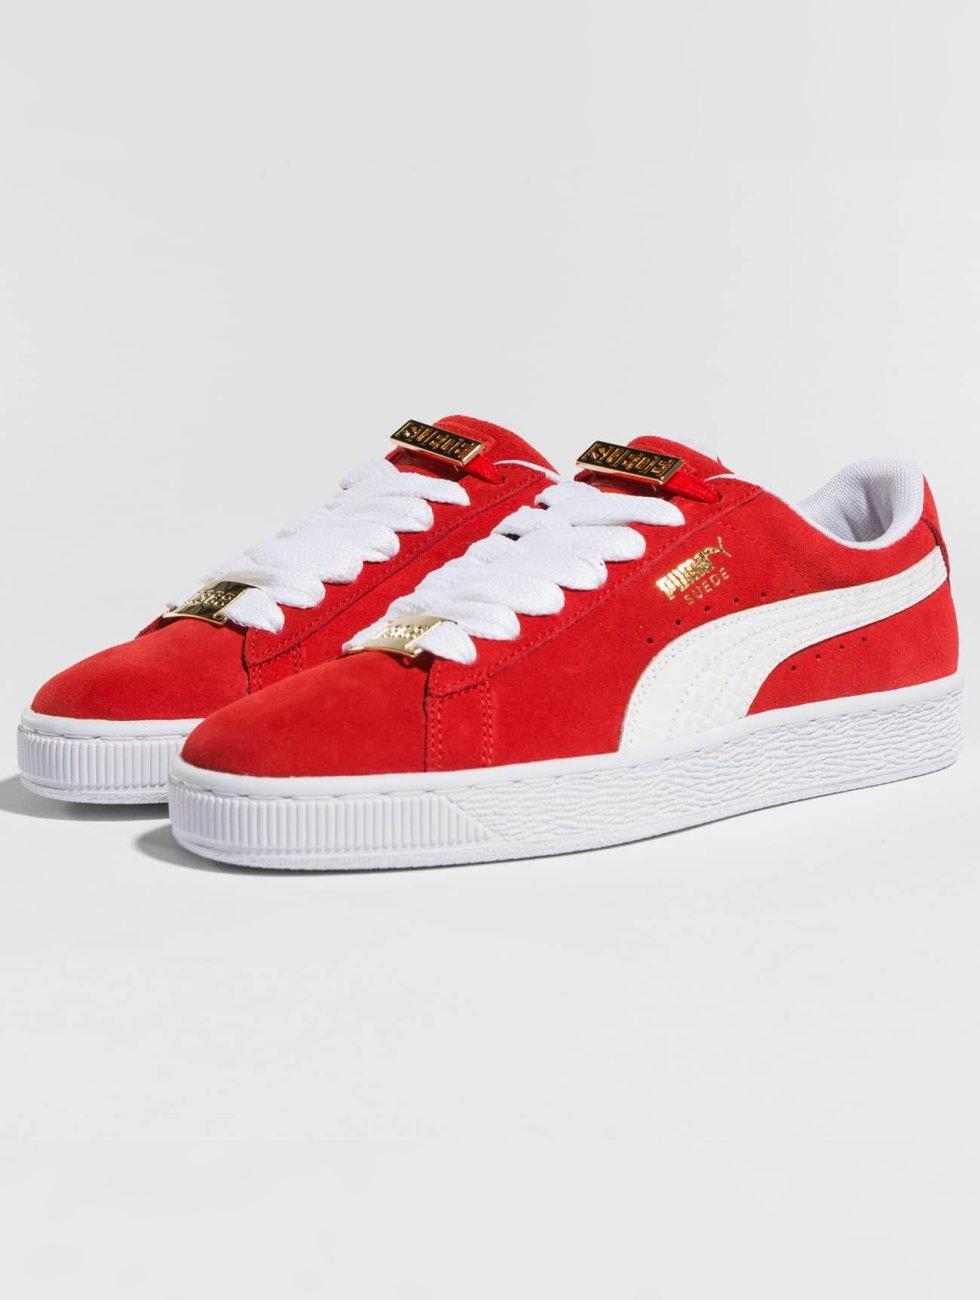 Puma schoen / sneaker BBoy Fabulous Suede Classic in rood 486964 Kopen Goedkope Raden Gratis Verzending Lage Verzendkosten 3DfoYQ947